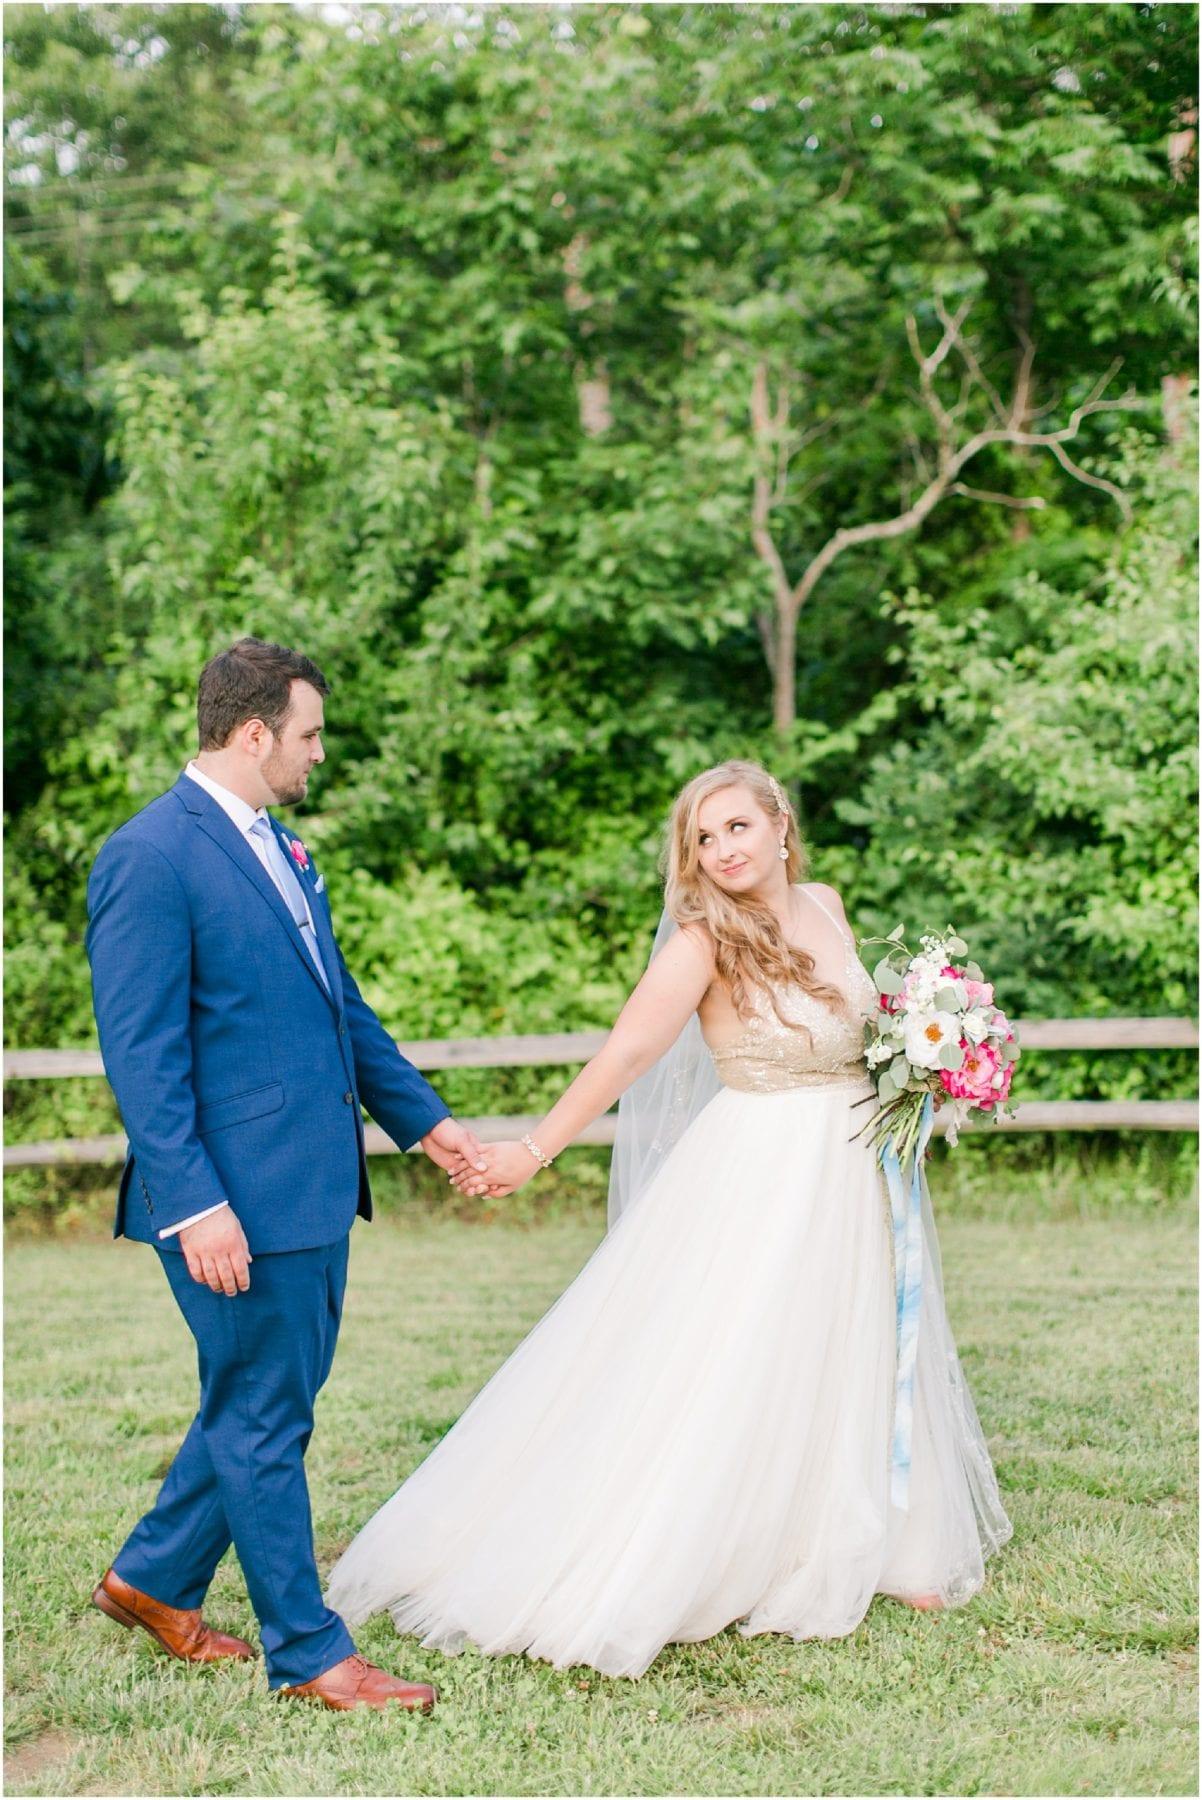 Maryland Backyard Wedding Photos Kelly & Zach Megan Kelsey Photography-252.jpg